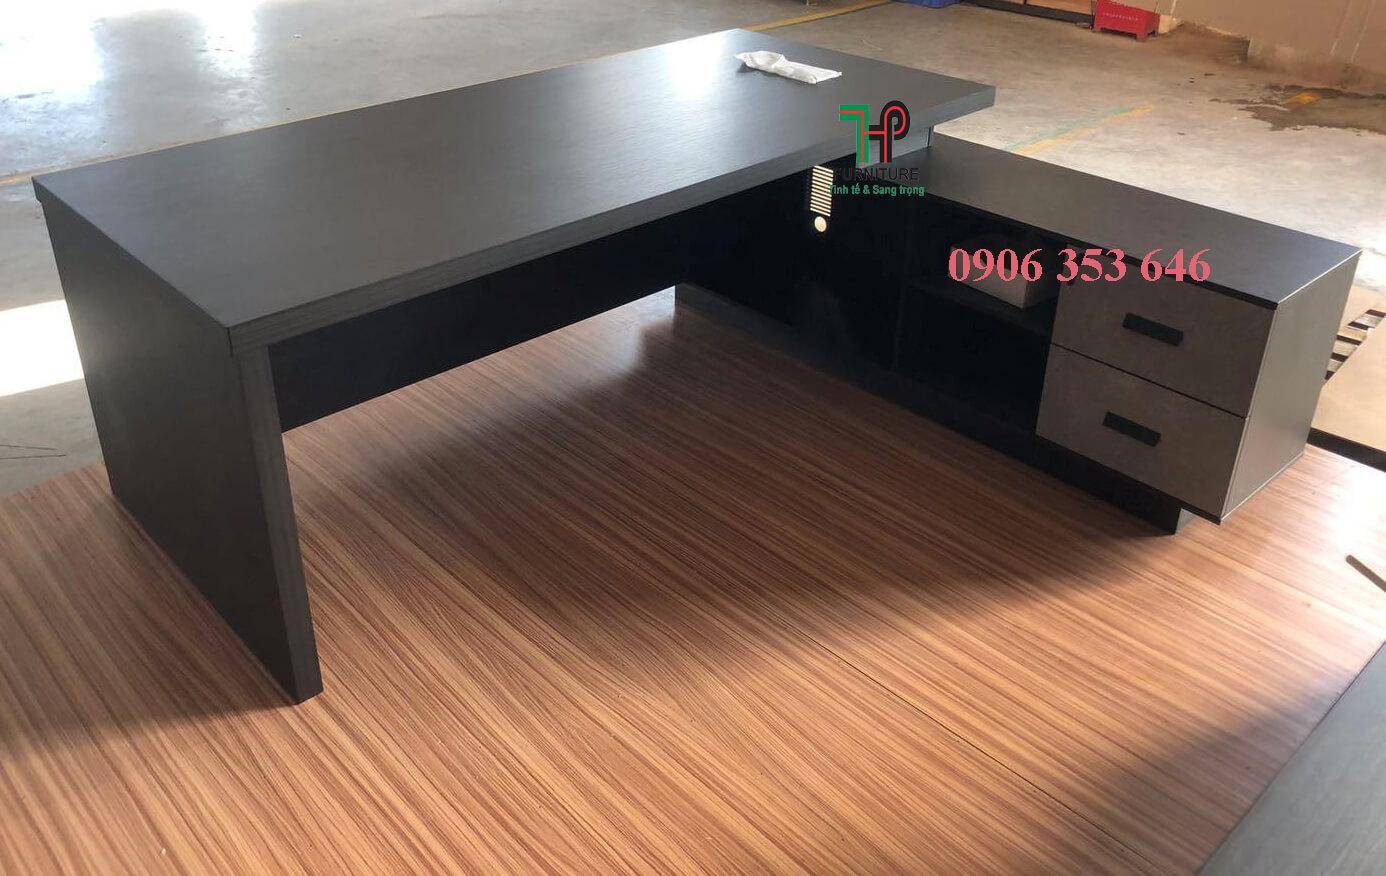 bàn giám đốc tphcm (1)